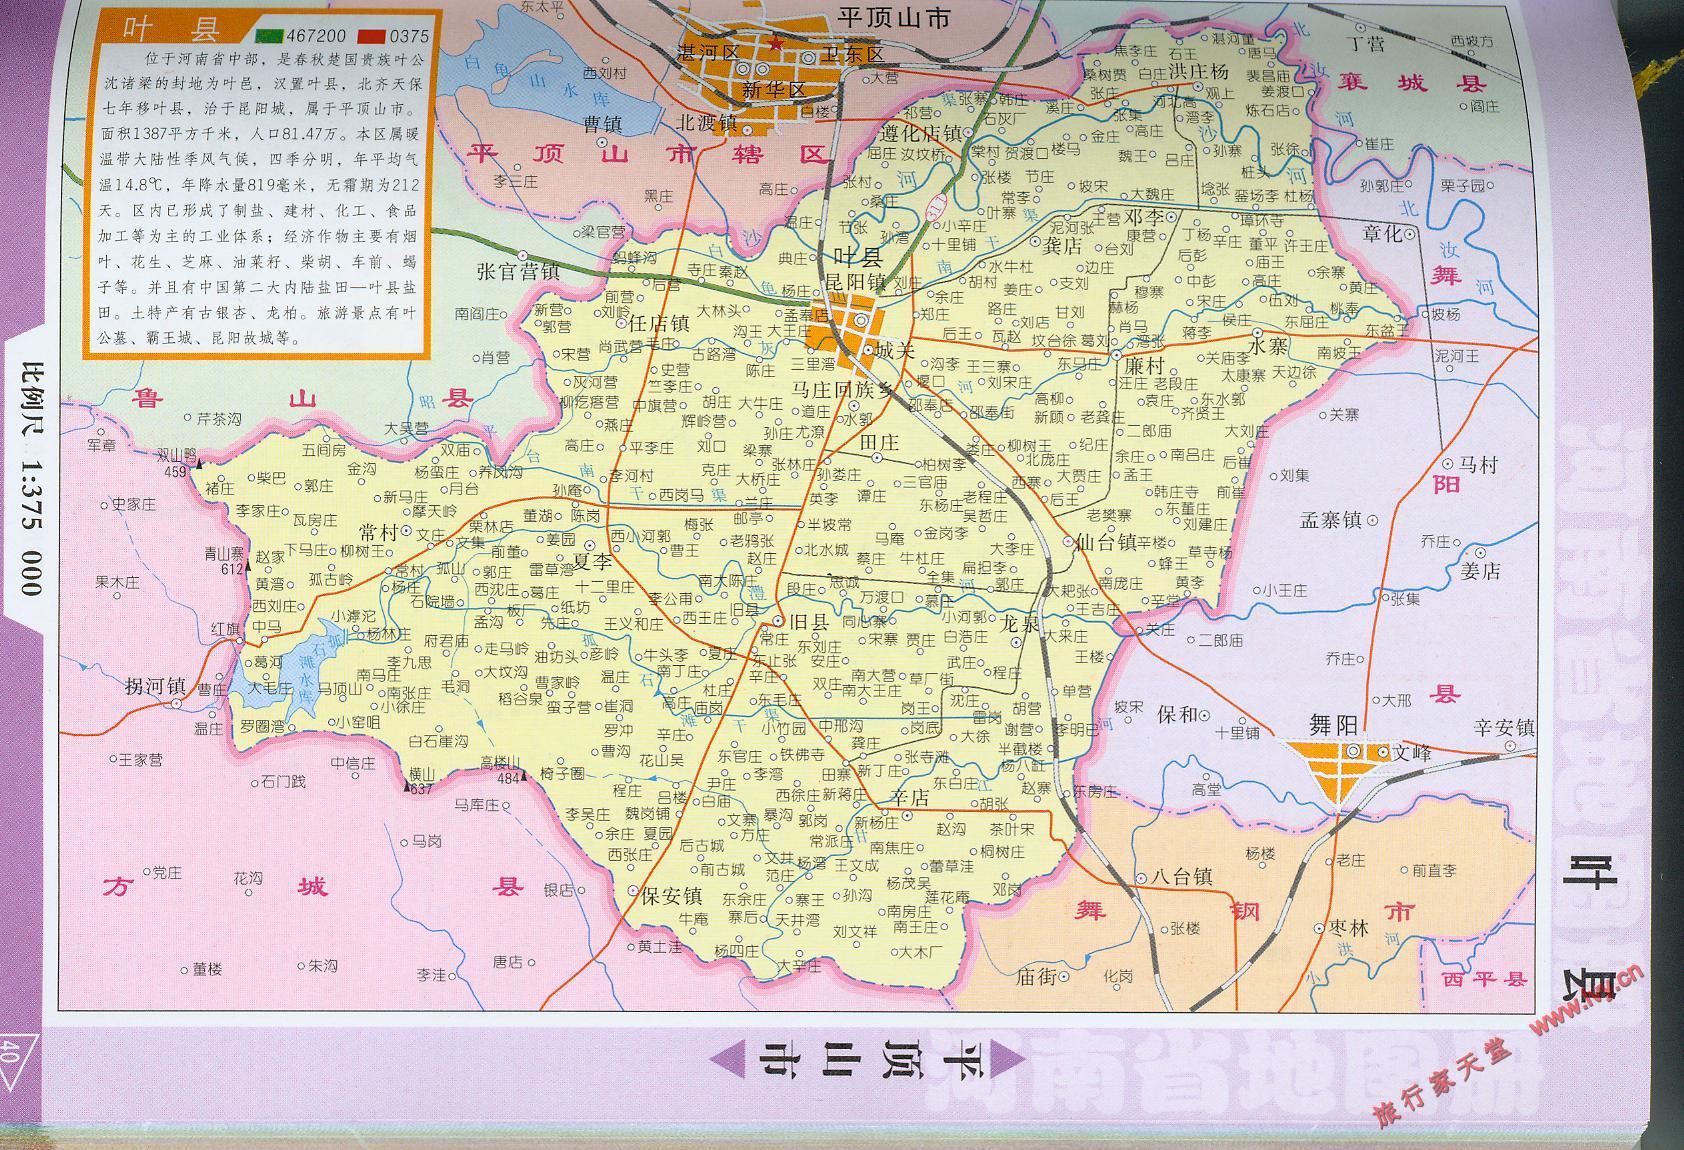 叶县地图_平顶山地图库